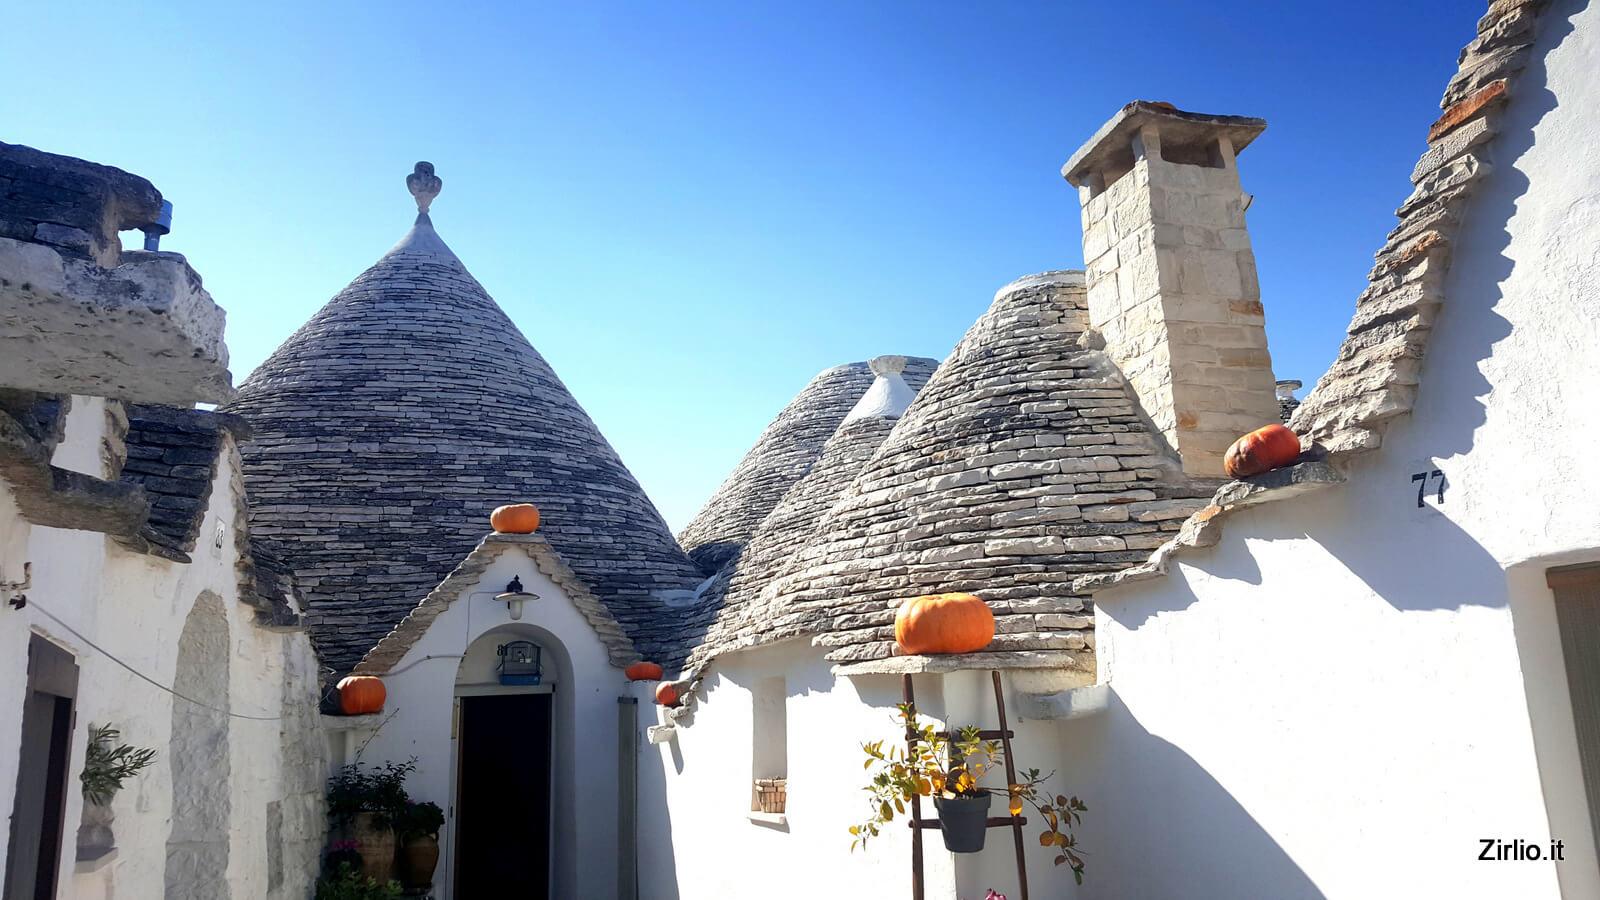 La principale attrazione turistica di Alberobello: i trulli.